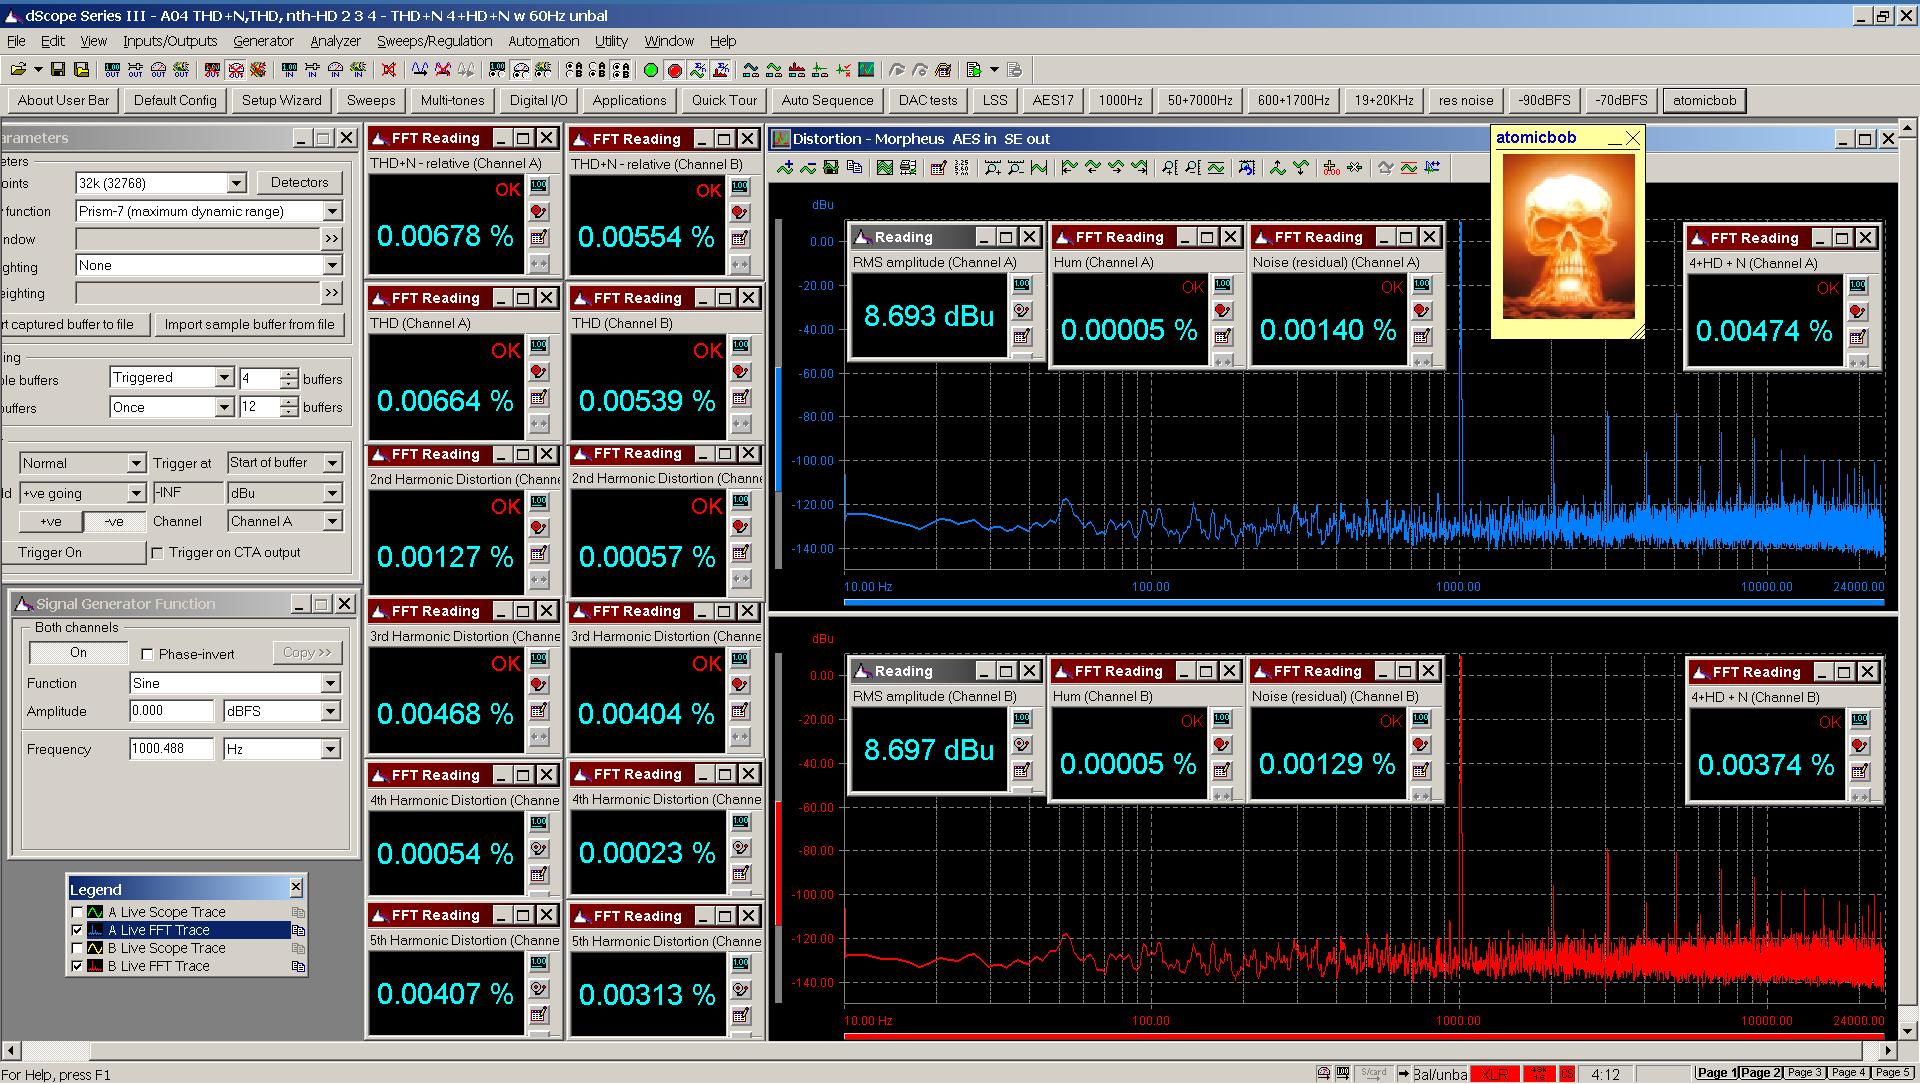 20200717 morpheus A04 THD+N THD nth-HD 4+HD+N 60Hz FFT SE 0dBFS - AES.png